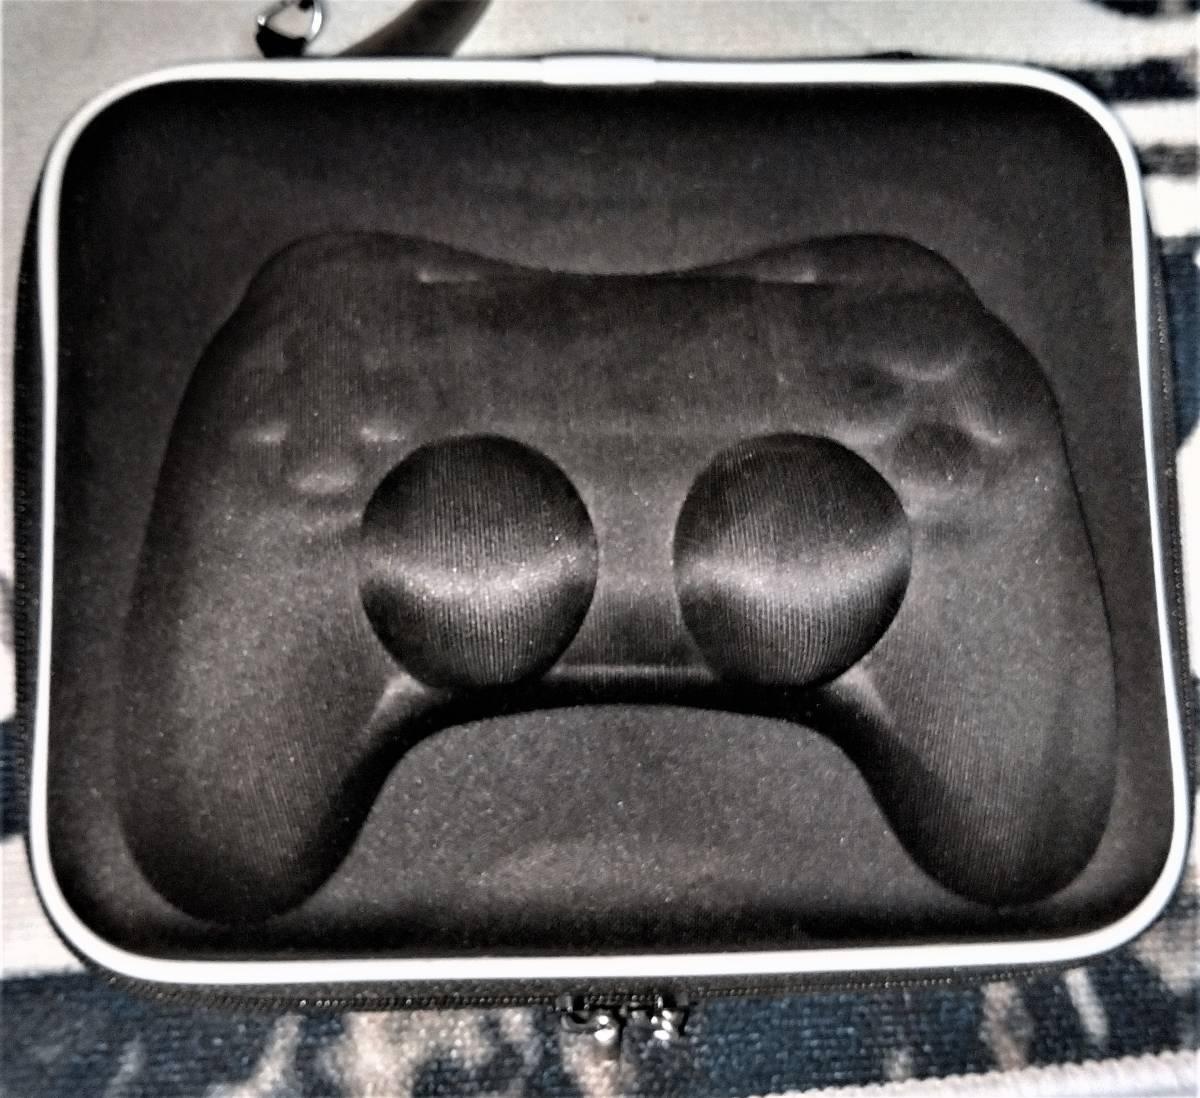 【未使用に近い】 希少 初代 PS4 Playstation4 プレイステーション4 First Limited Pack 出品者管理番号266